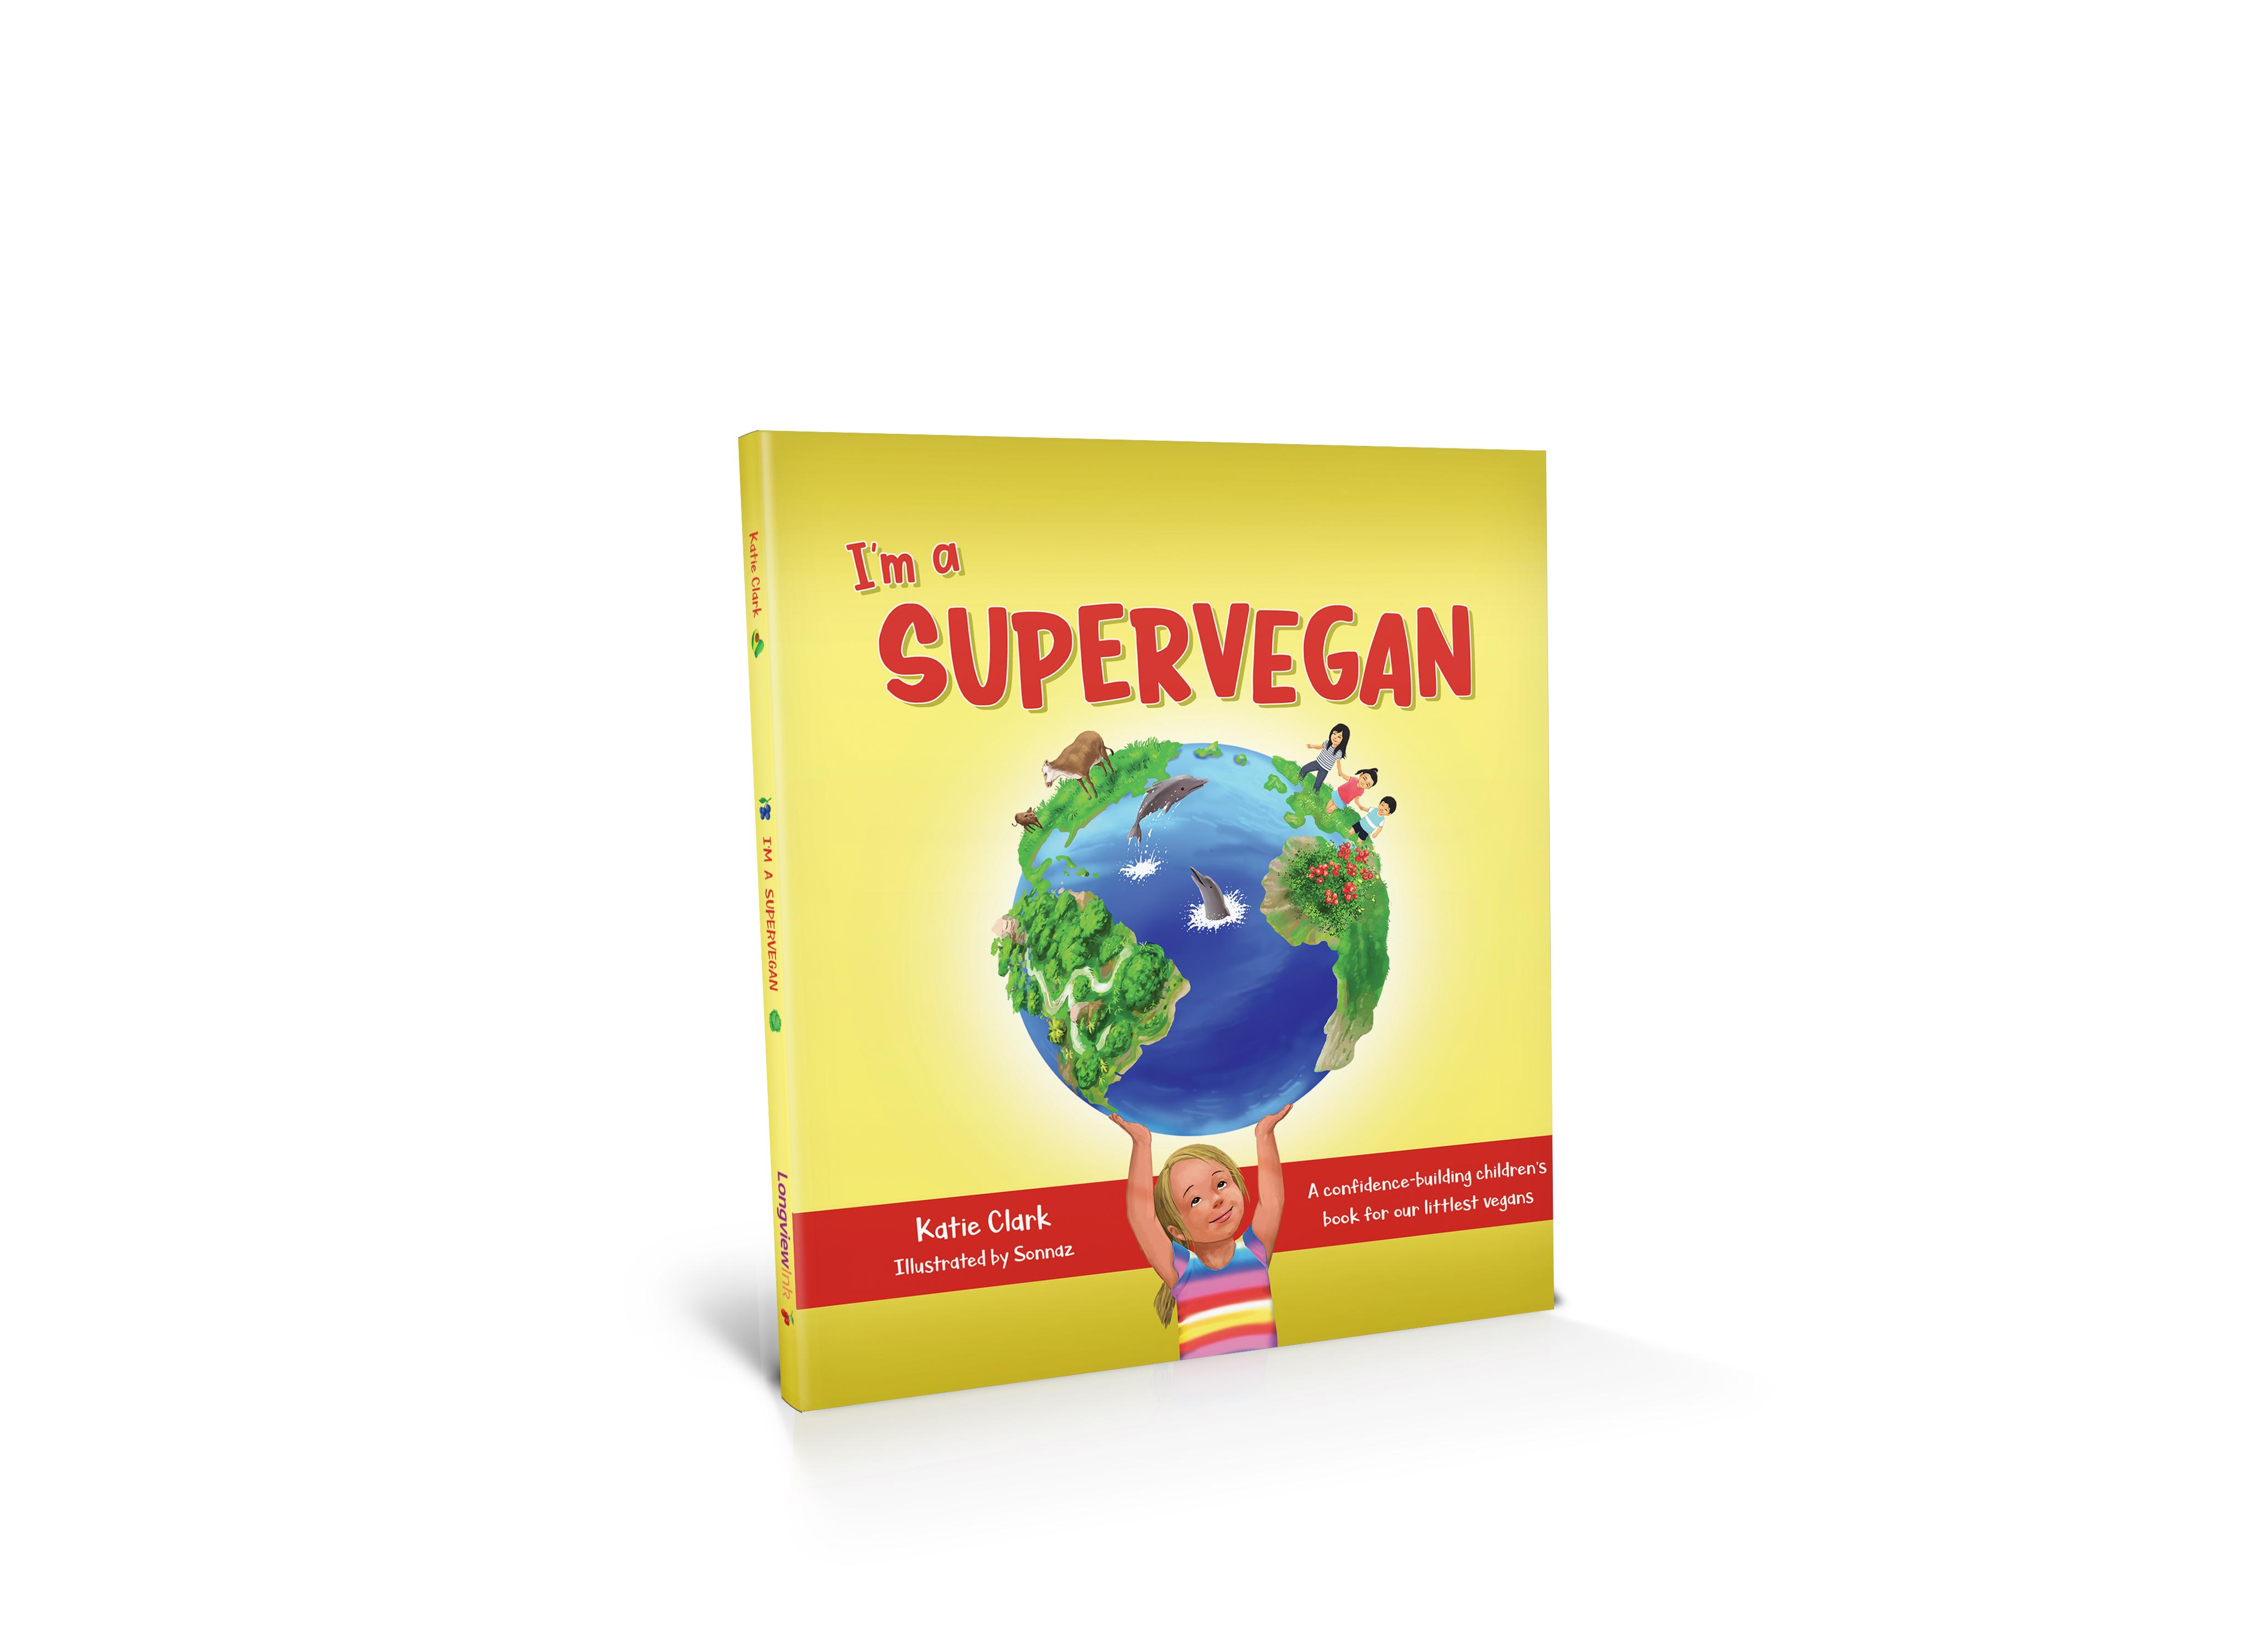 Katie Clark, vegan children's author